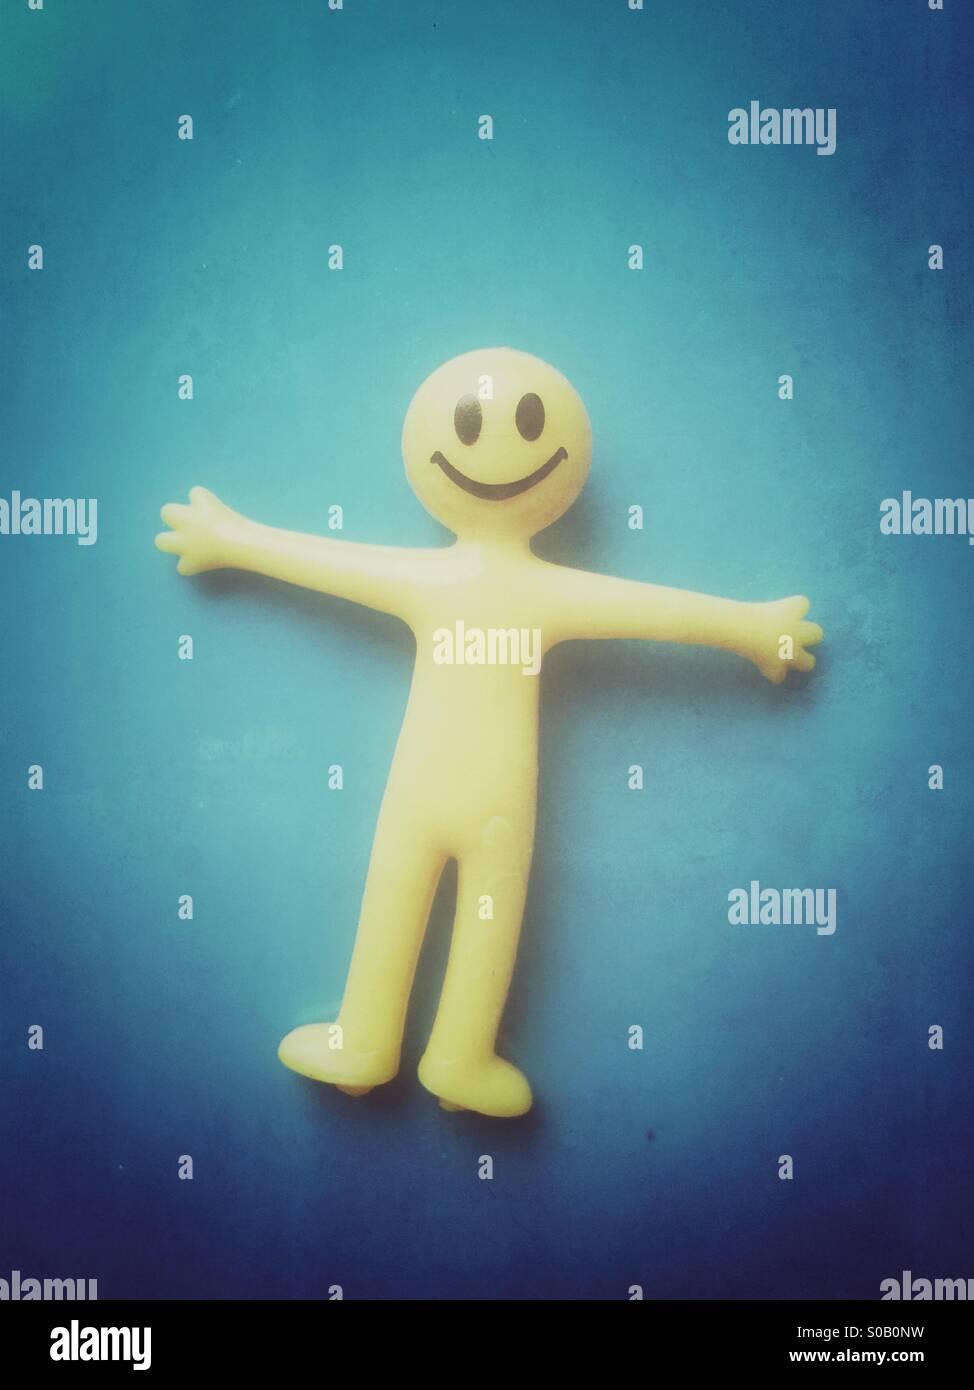 Cara sonriente de juguete de goma Imagen De Stock